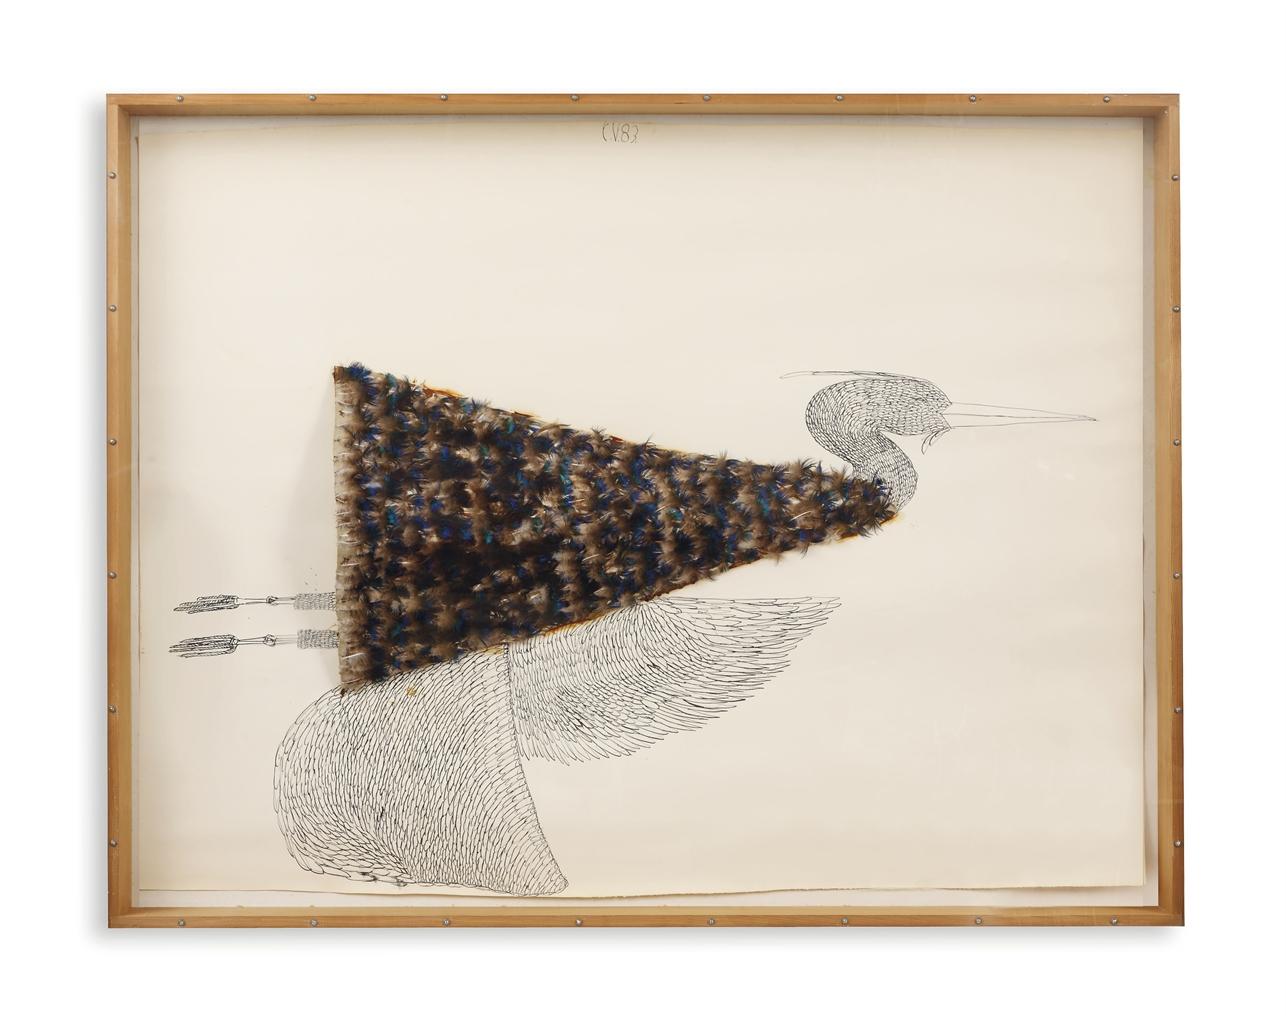 Carel Visser-Untitled-1983